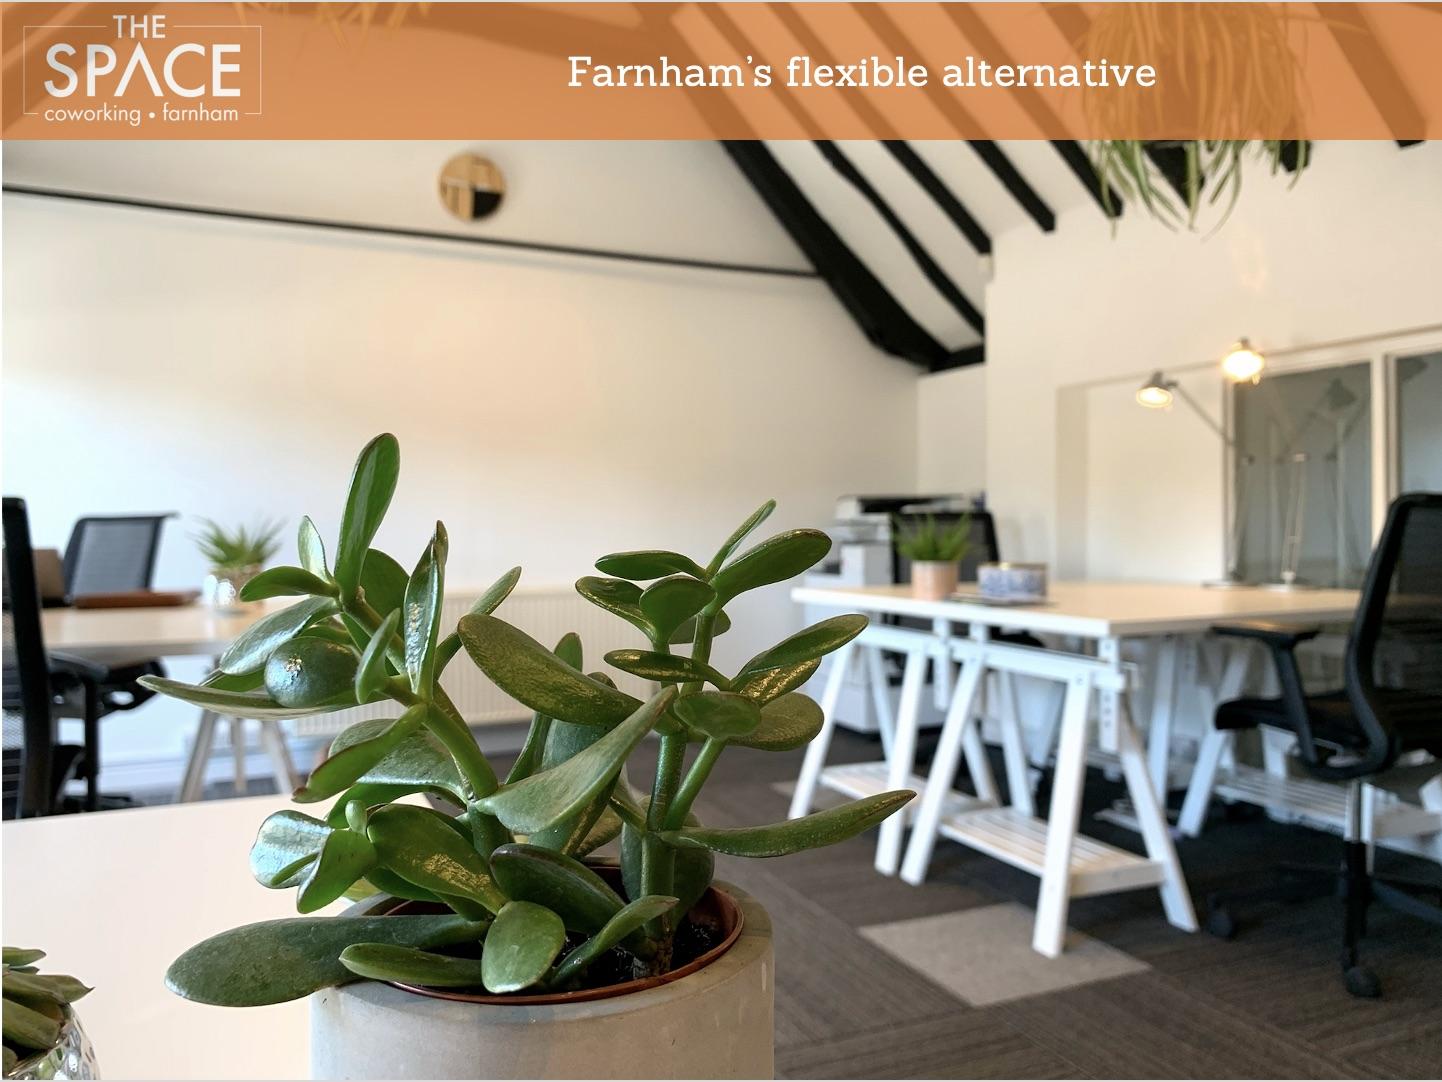 The Space, Farnham